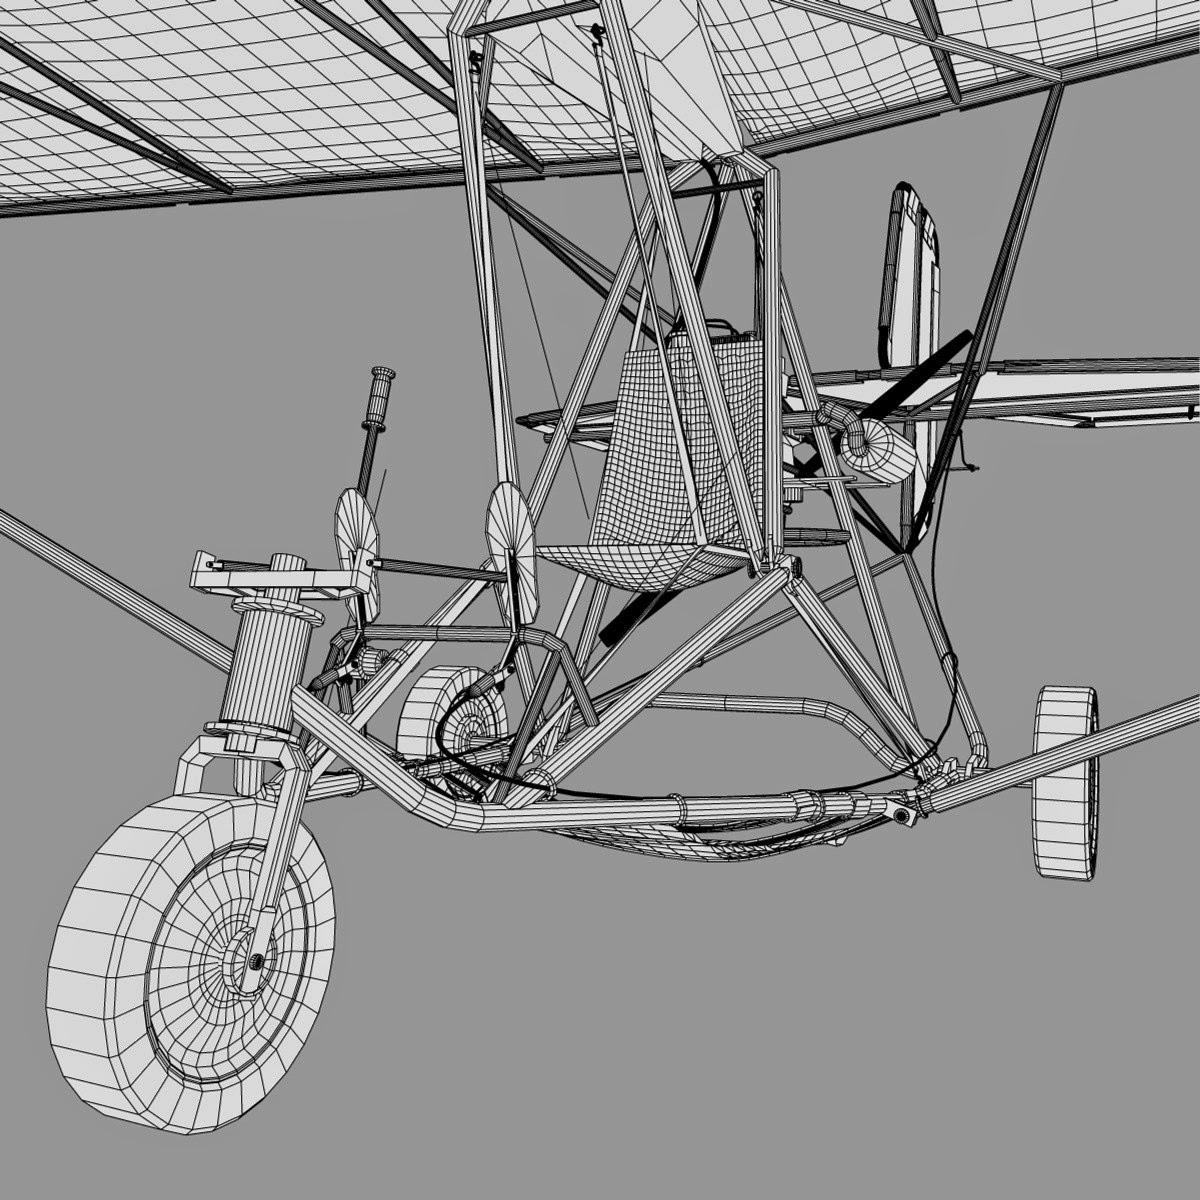 Ultralight Aircraft 3d Model